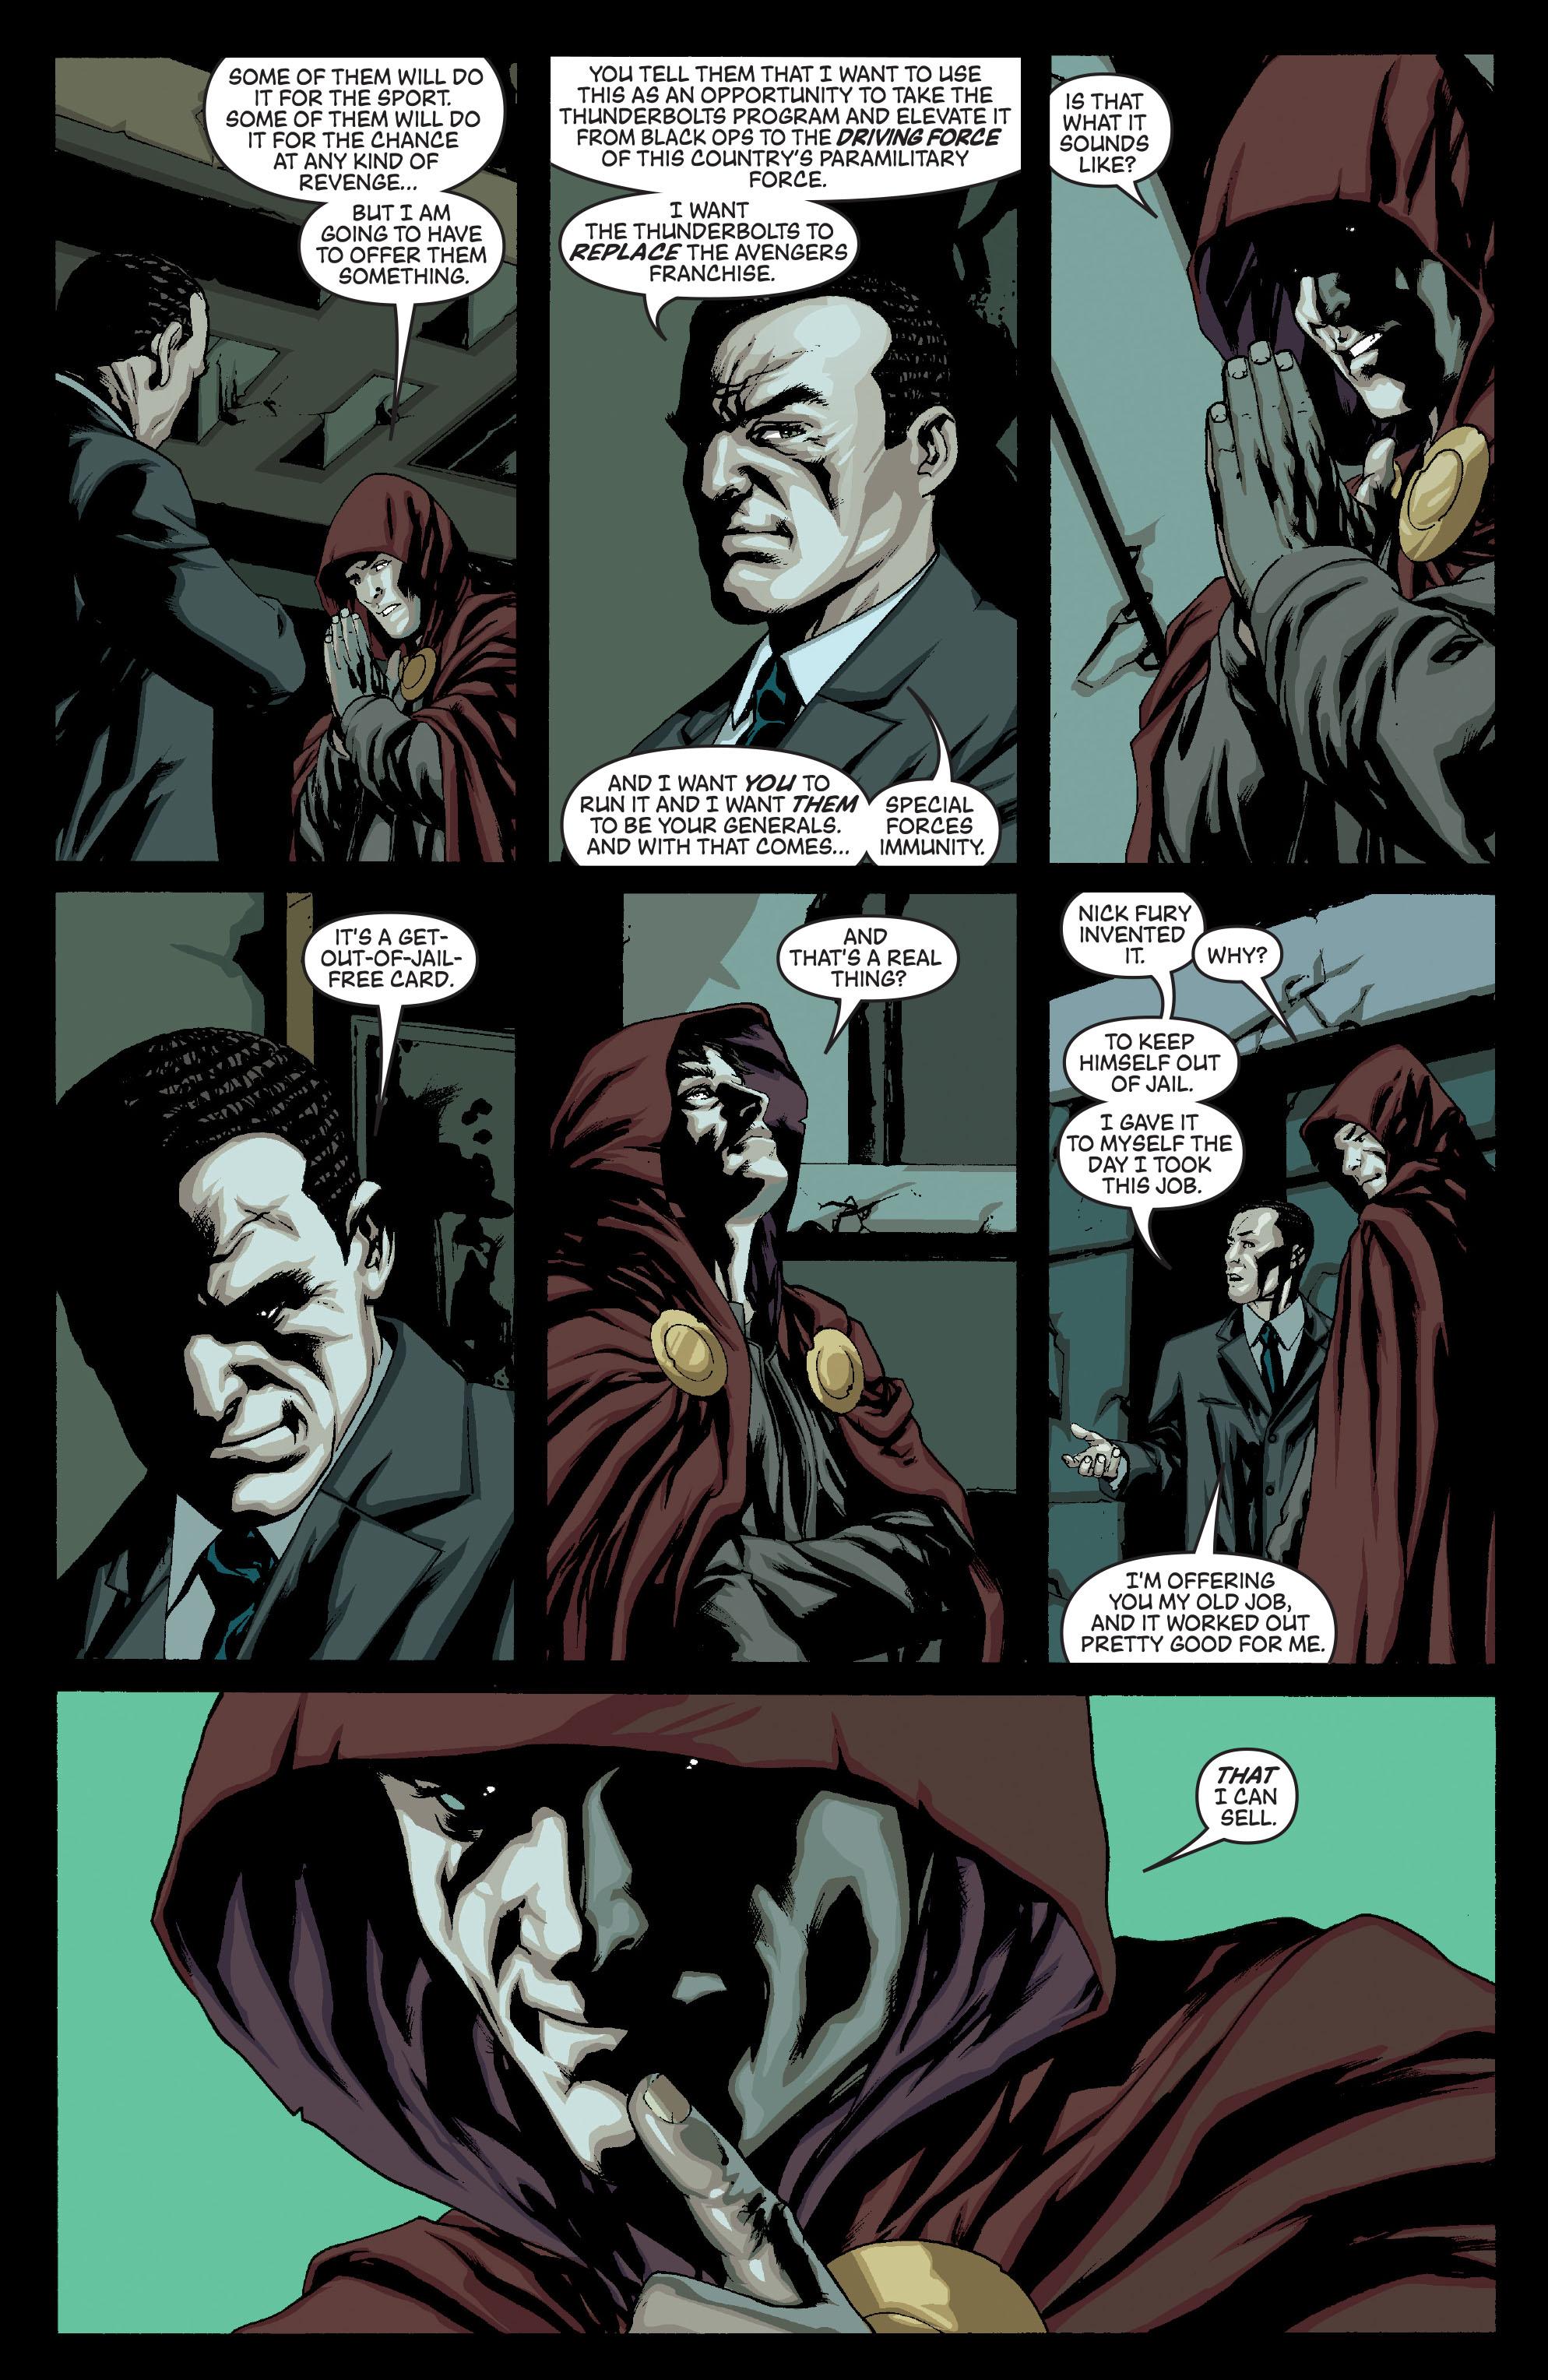 New Avengers (2005) chap 64 pic 6